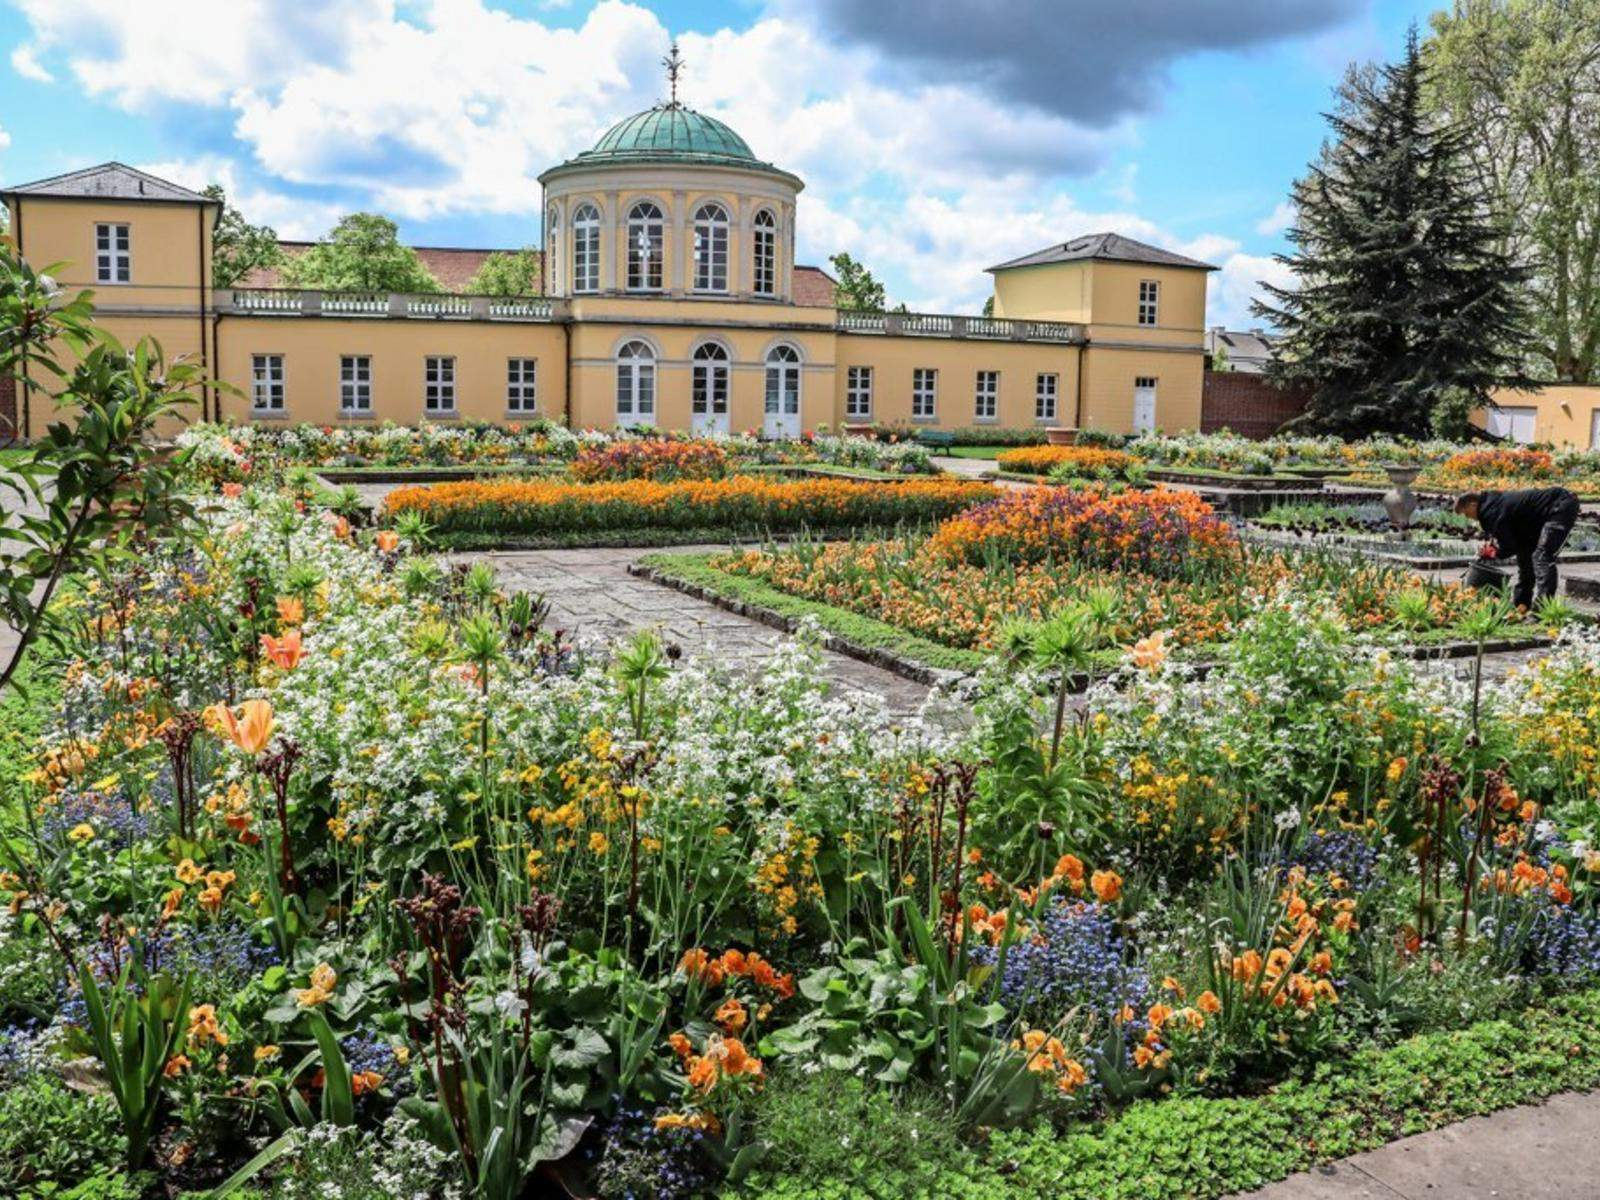 Herrenhäuser Gärten Schön Hannover Blumenpracht Für Herrenhäuser Gärten